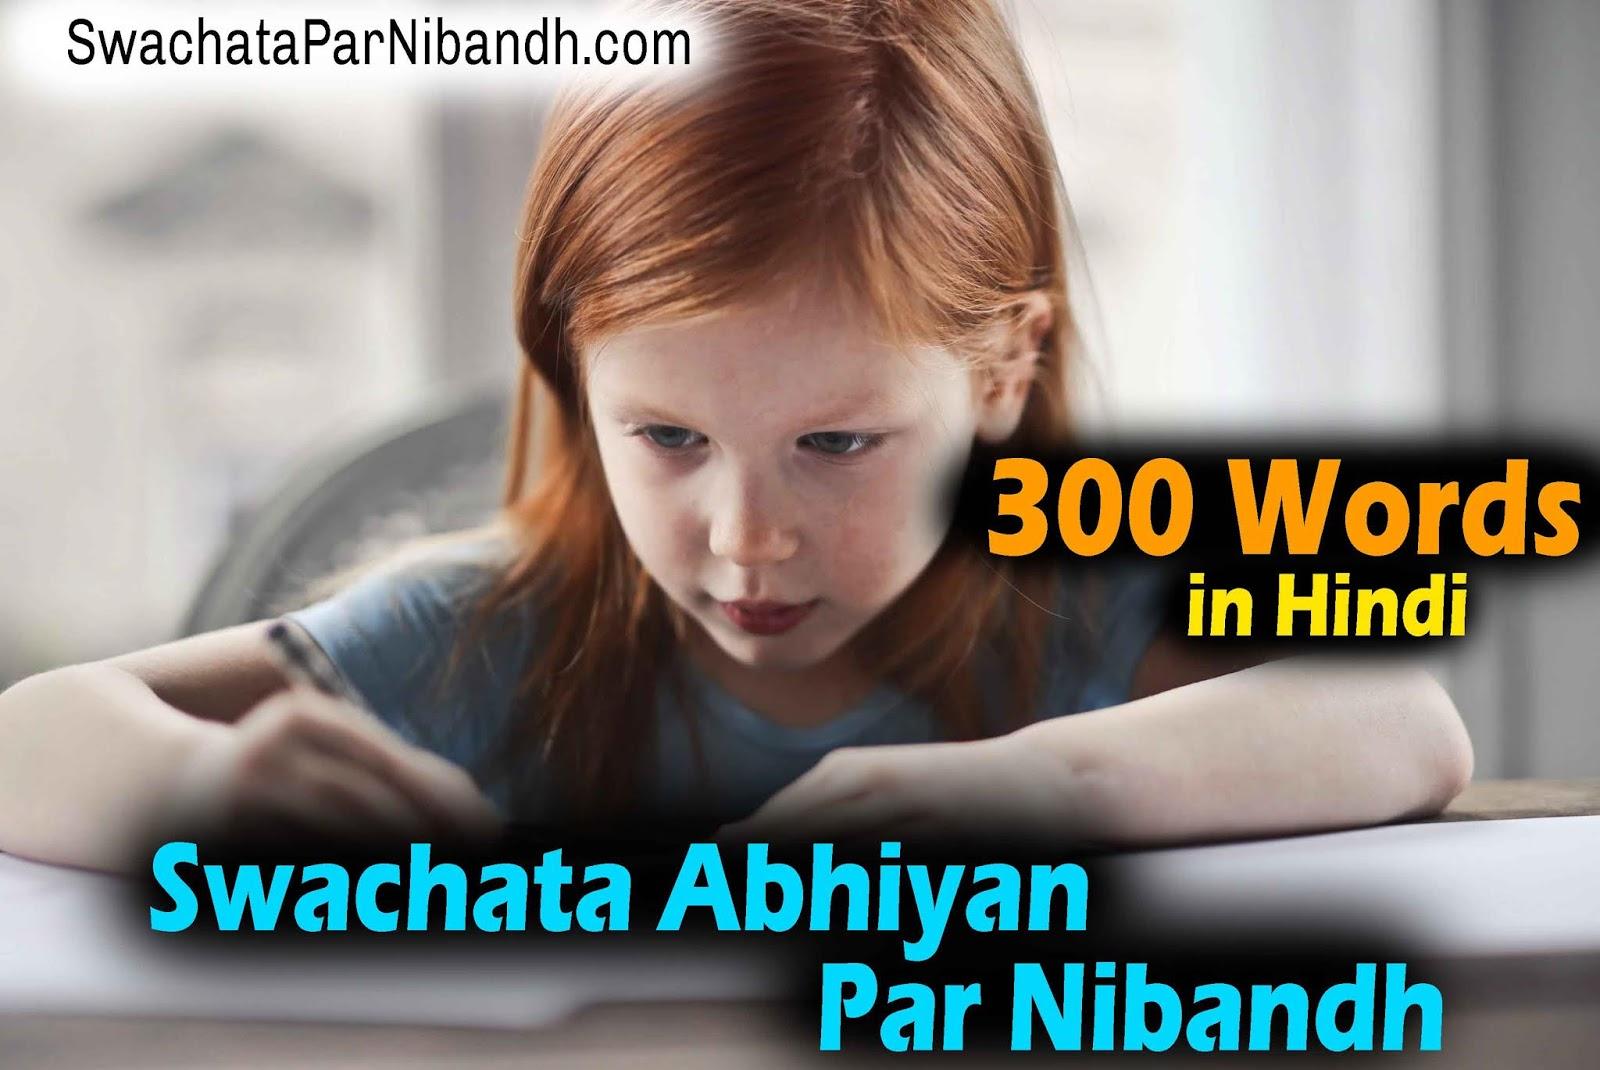 Swachata Abhiyan Par Nibandh 300 Shabdo Mein, स्वच्छता अभियान पर निबंध 300 शब्दों में,